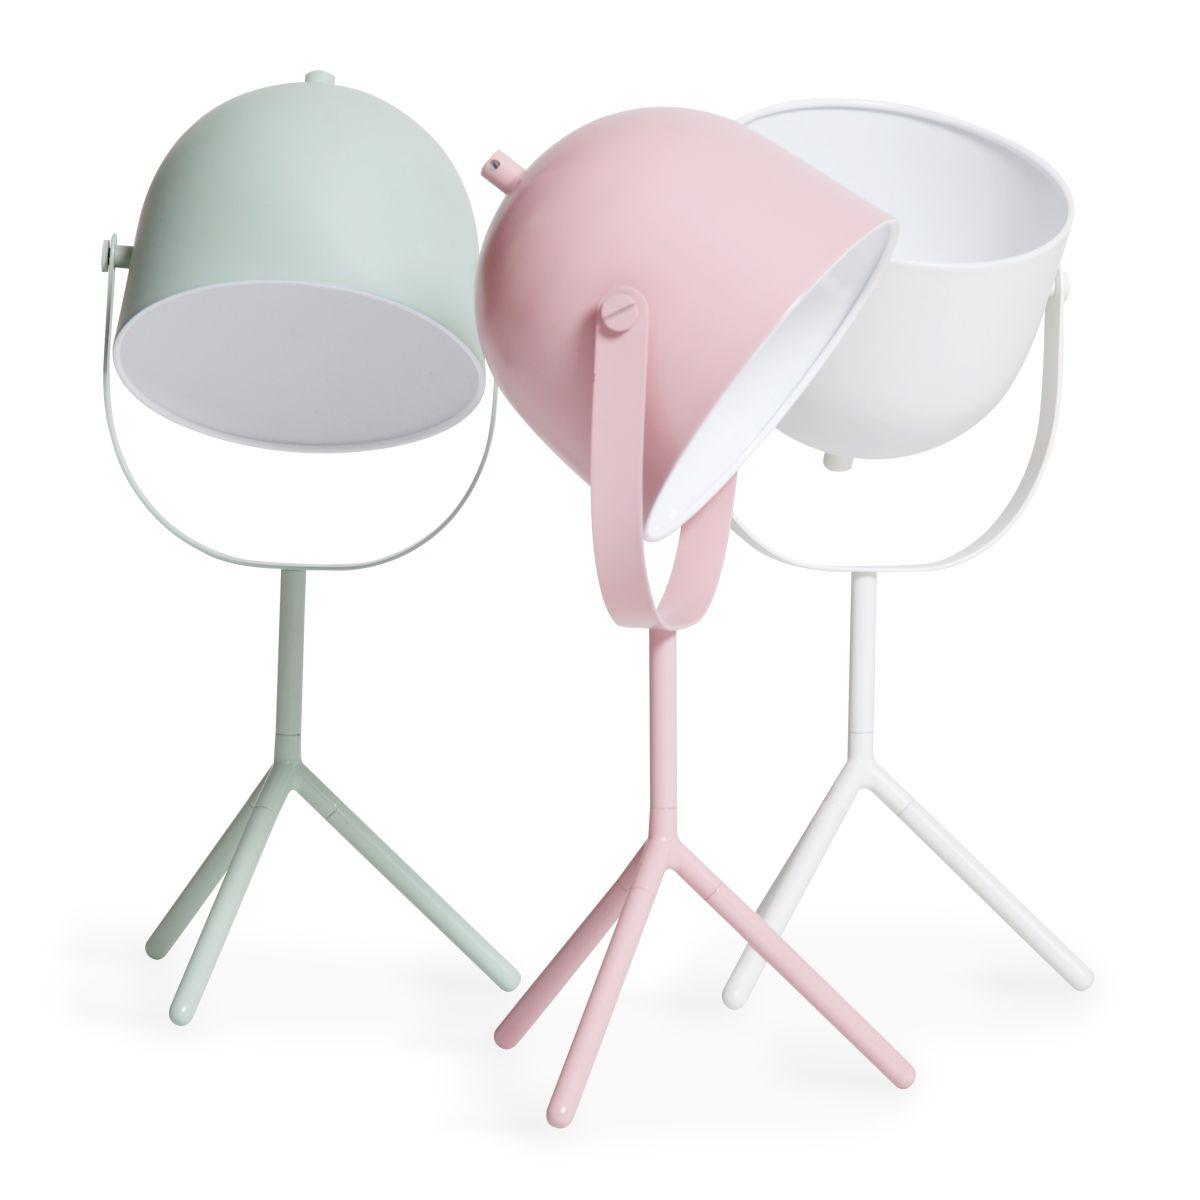 Flexa Classic Monty Tisch Lampe In Weiss 154 Eur Mit Bildern Flexa Moderne Kindermobel Tischlampen